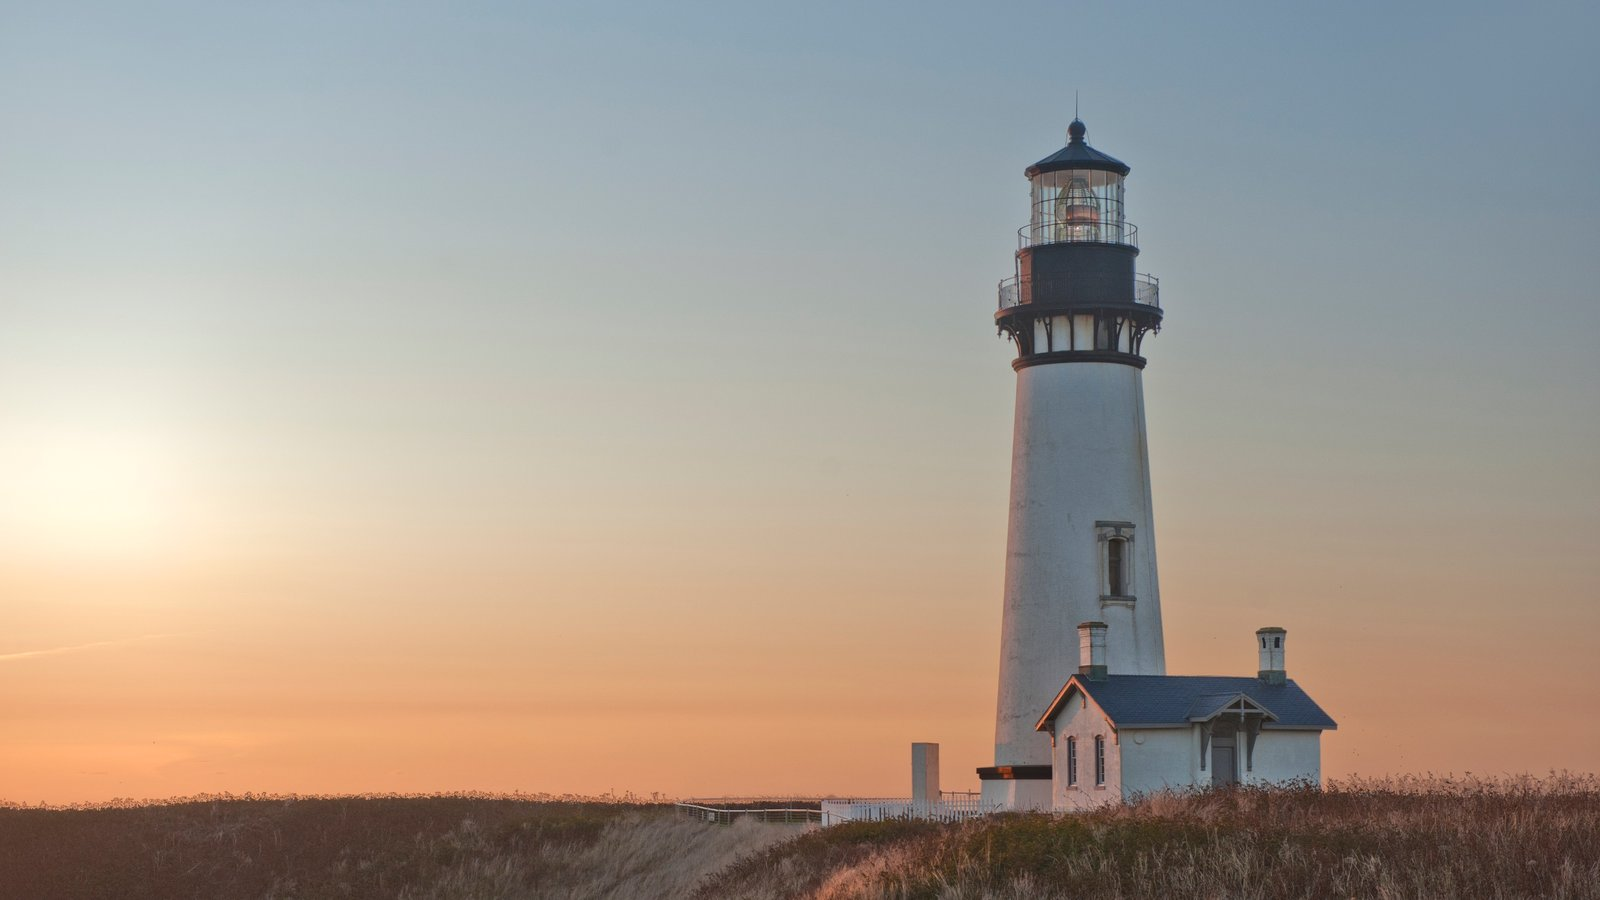 Newport que incluye una puesta de sol y un faro